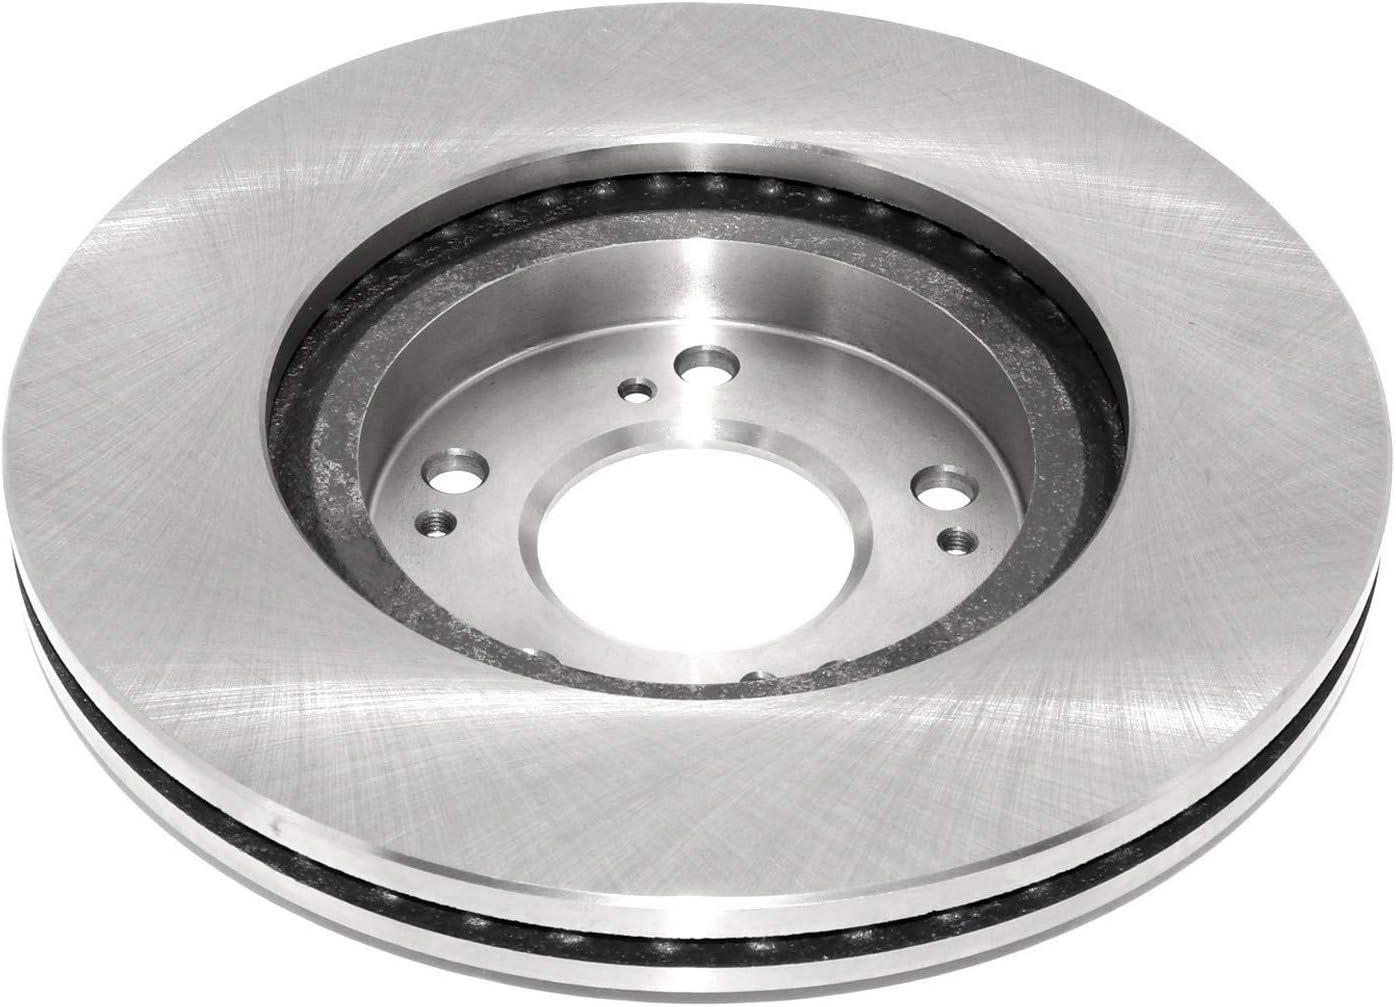 DuraGo BR3134602 Front Vented Disc Premium Electrophoretic Brake Rotor